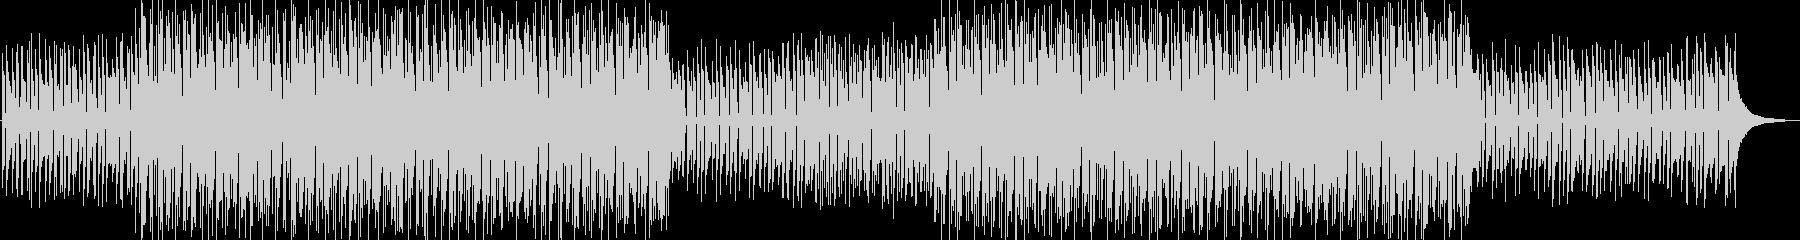 ティータイム感のあるおしゃれなボサノヴァの未再生の波形